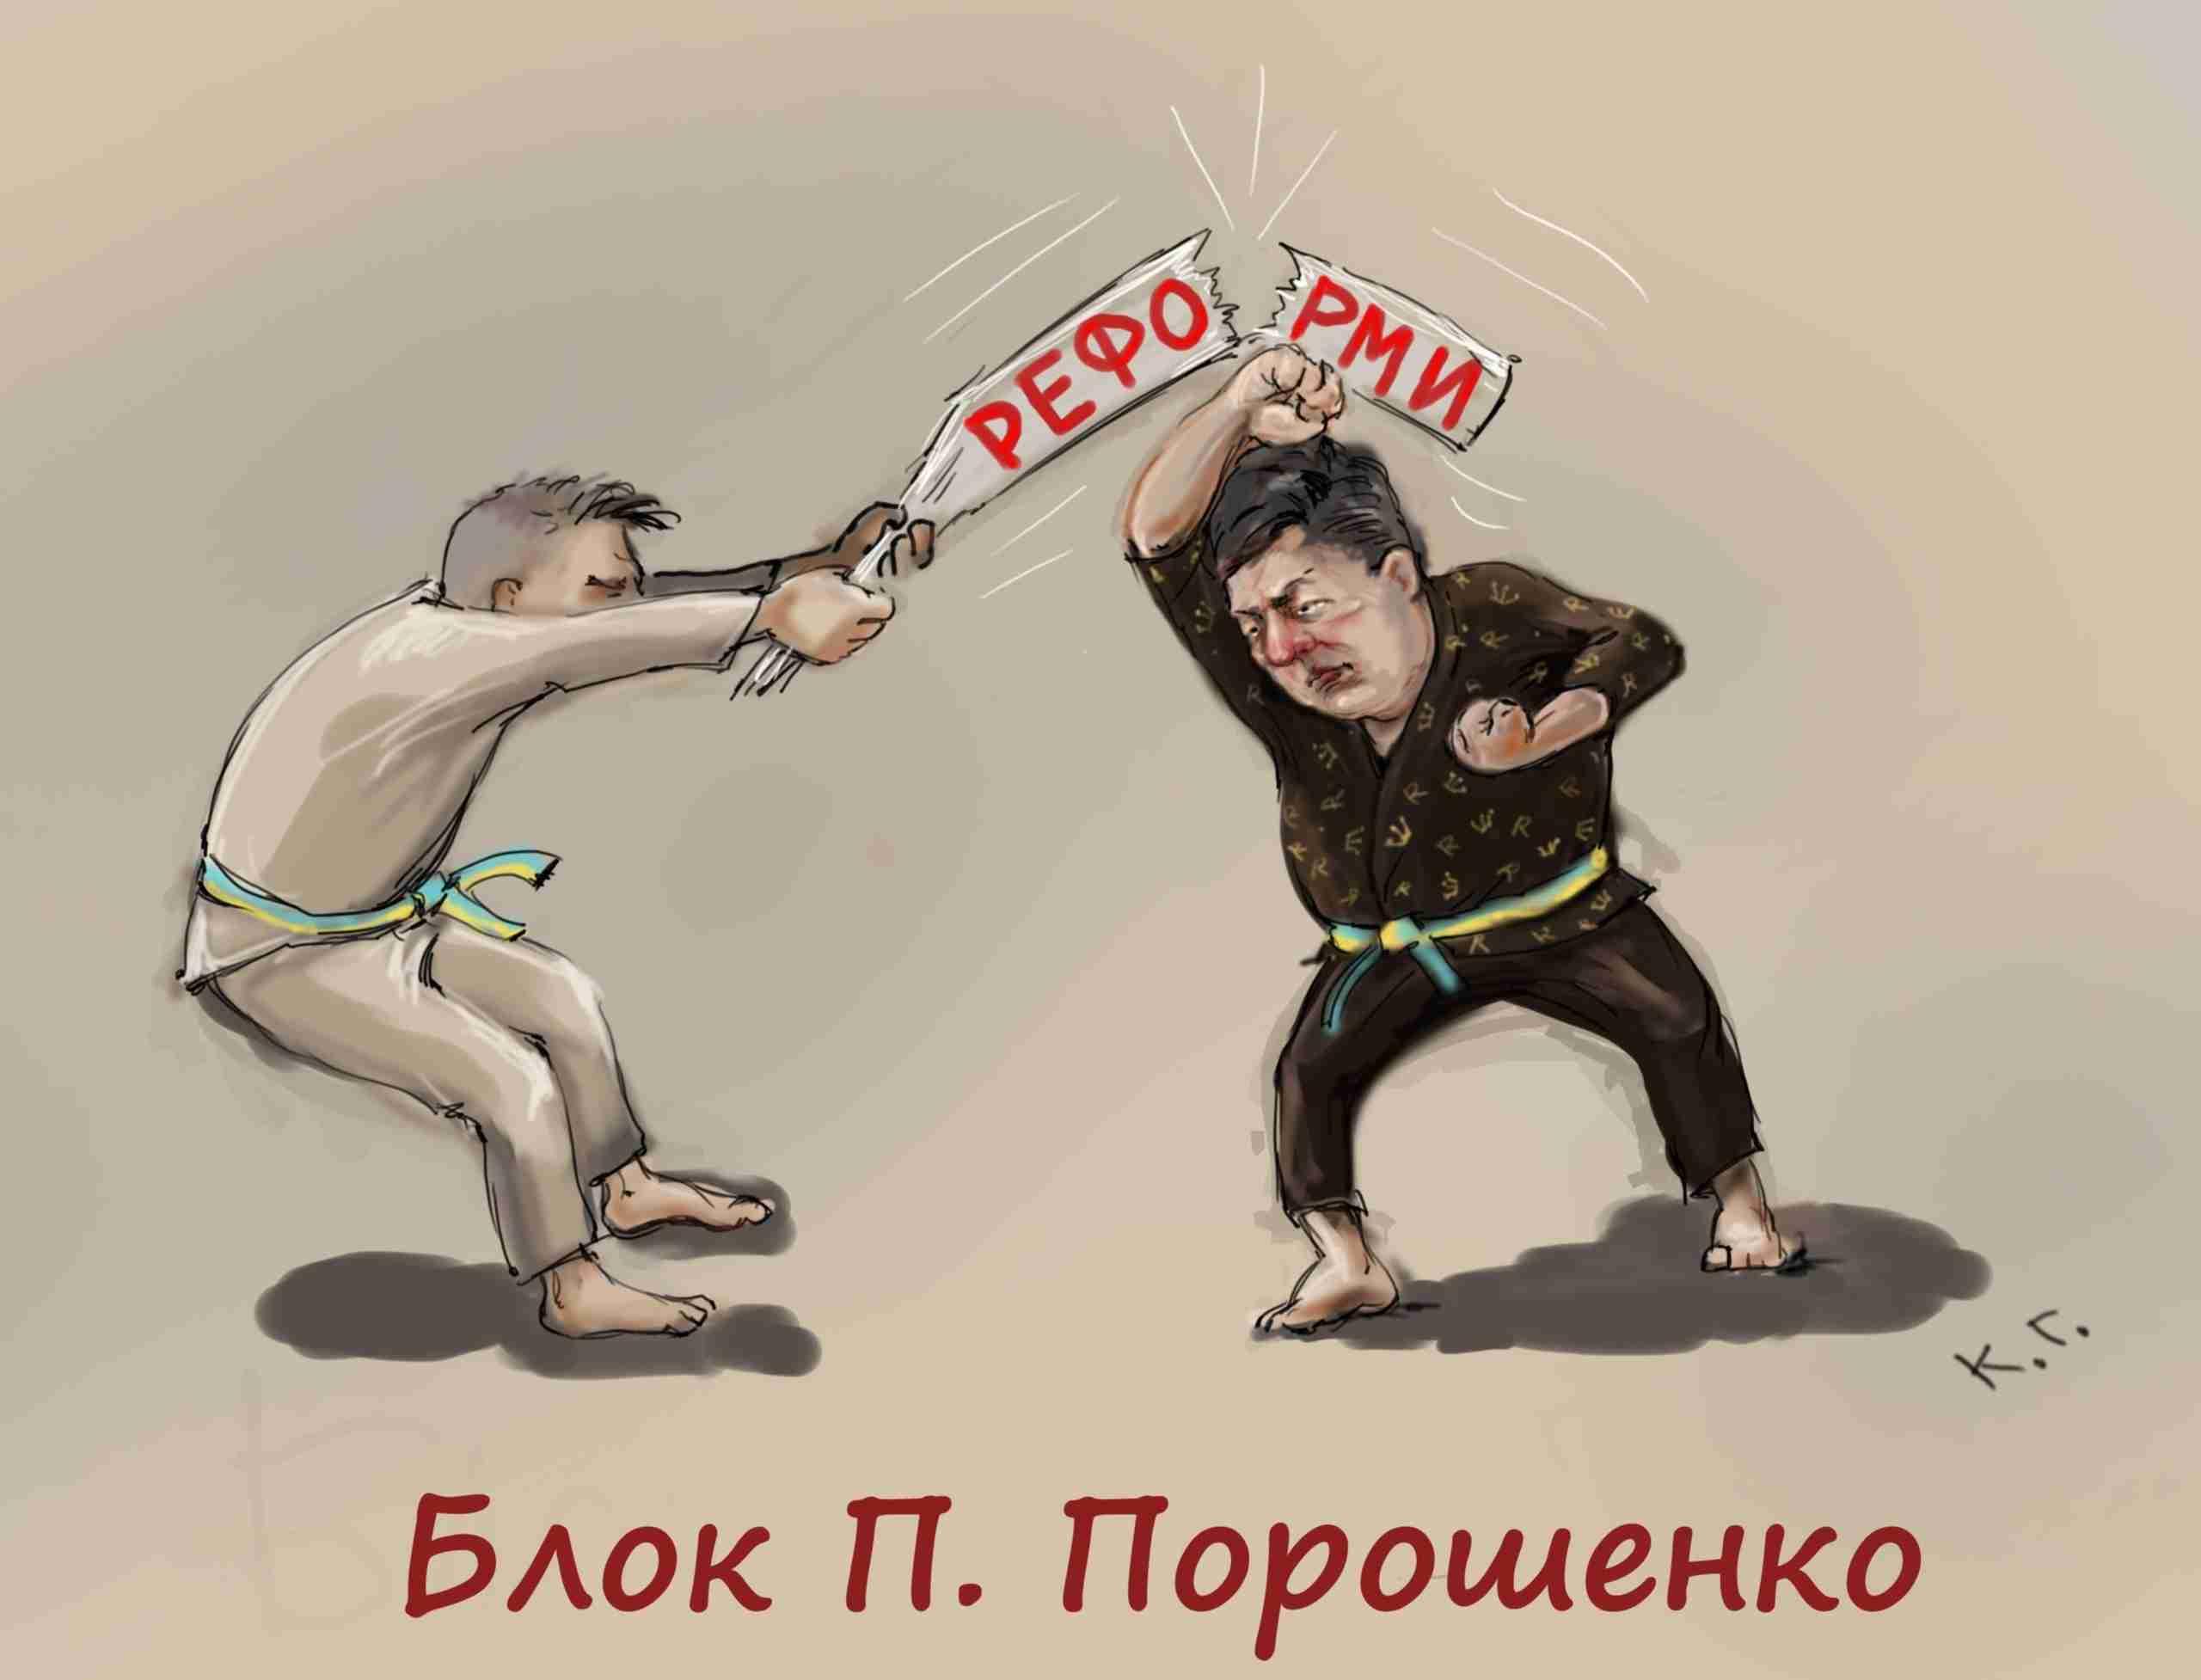 Очередное повышение минимальных пенсий состоится с 1 декабря, - Розенко - Цензор.НЕТ 3202